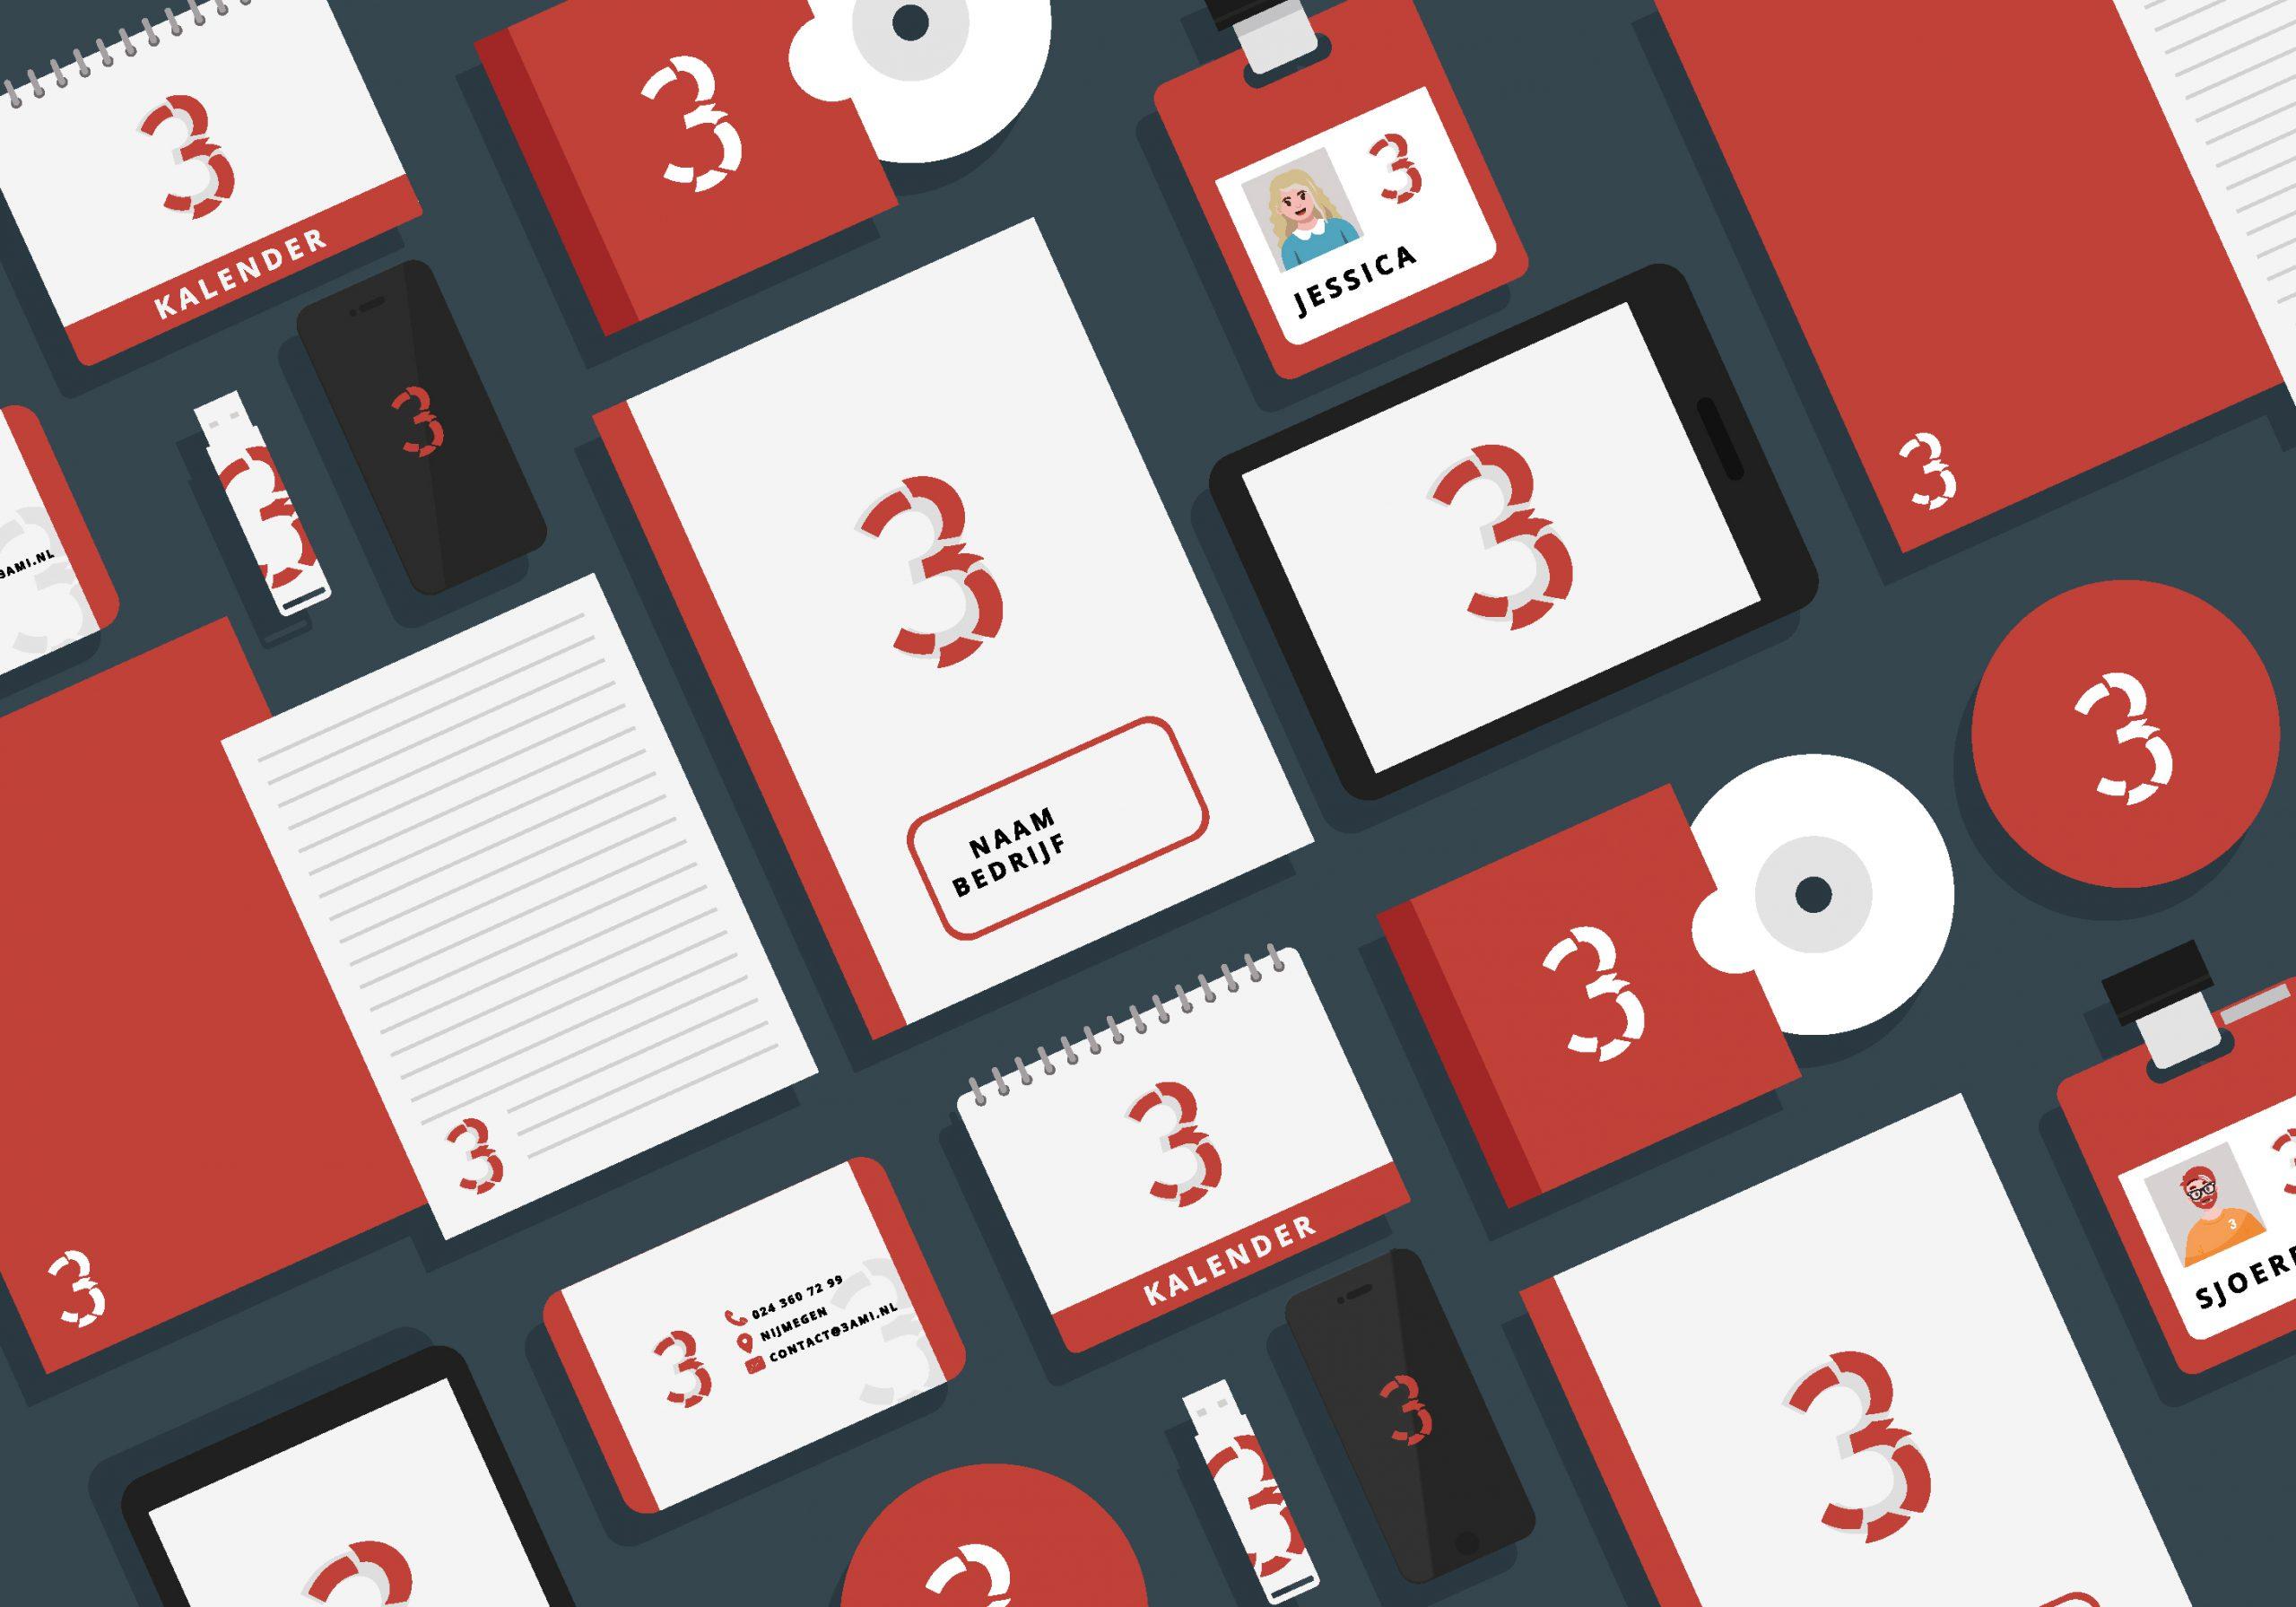 3ami huisstijl handboek visitekaartjes folder 01 scaled